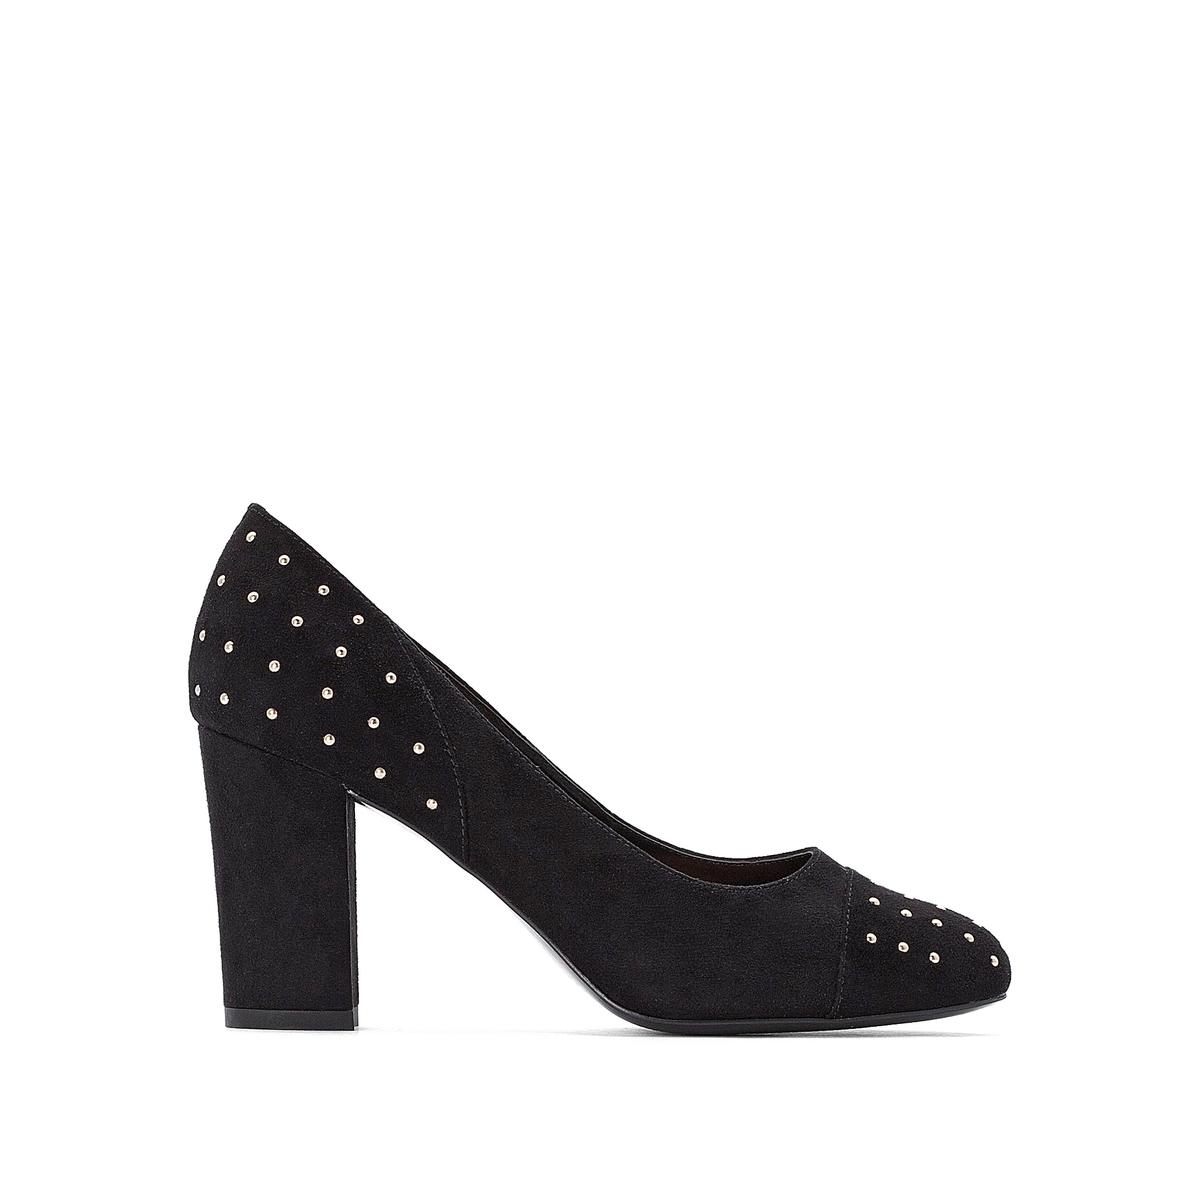 Туфли La Redoute На высоком каблуке с заклепками 36 черный